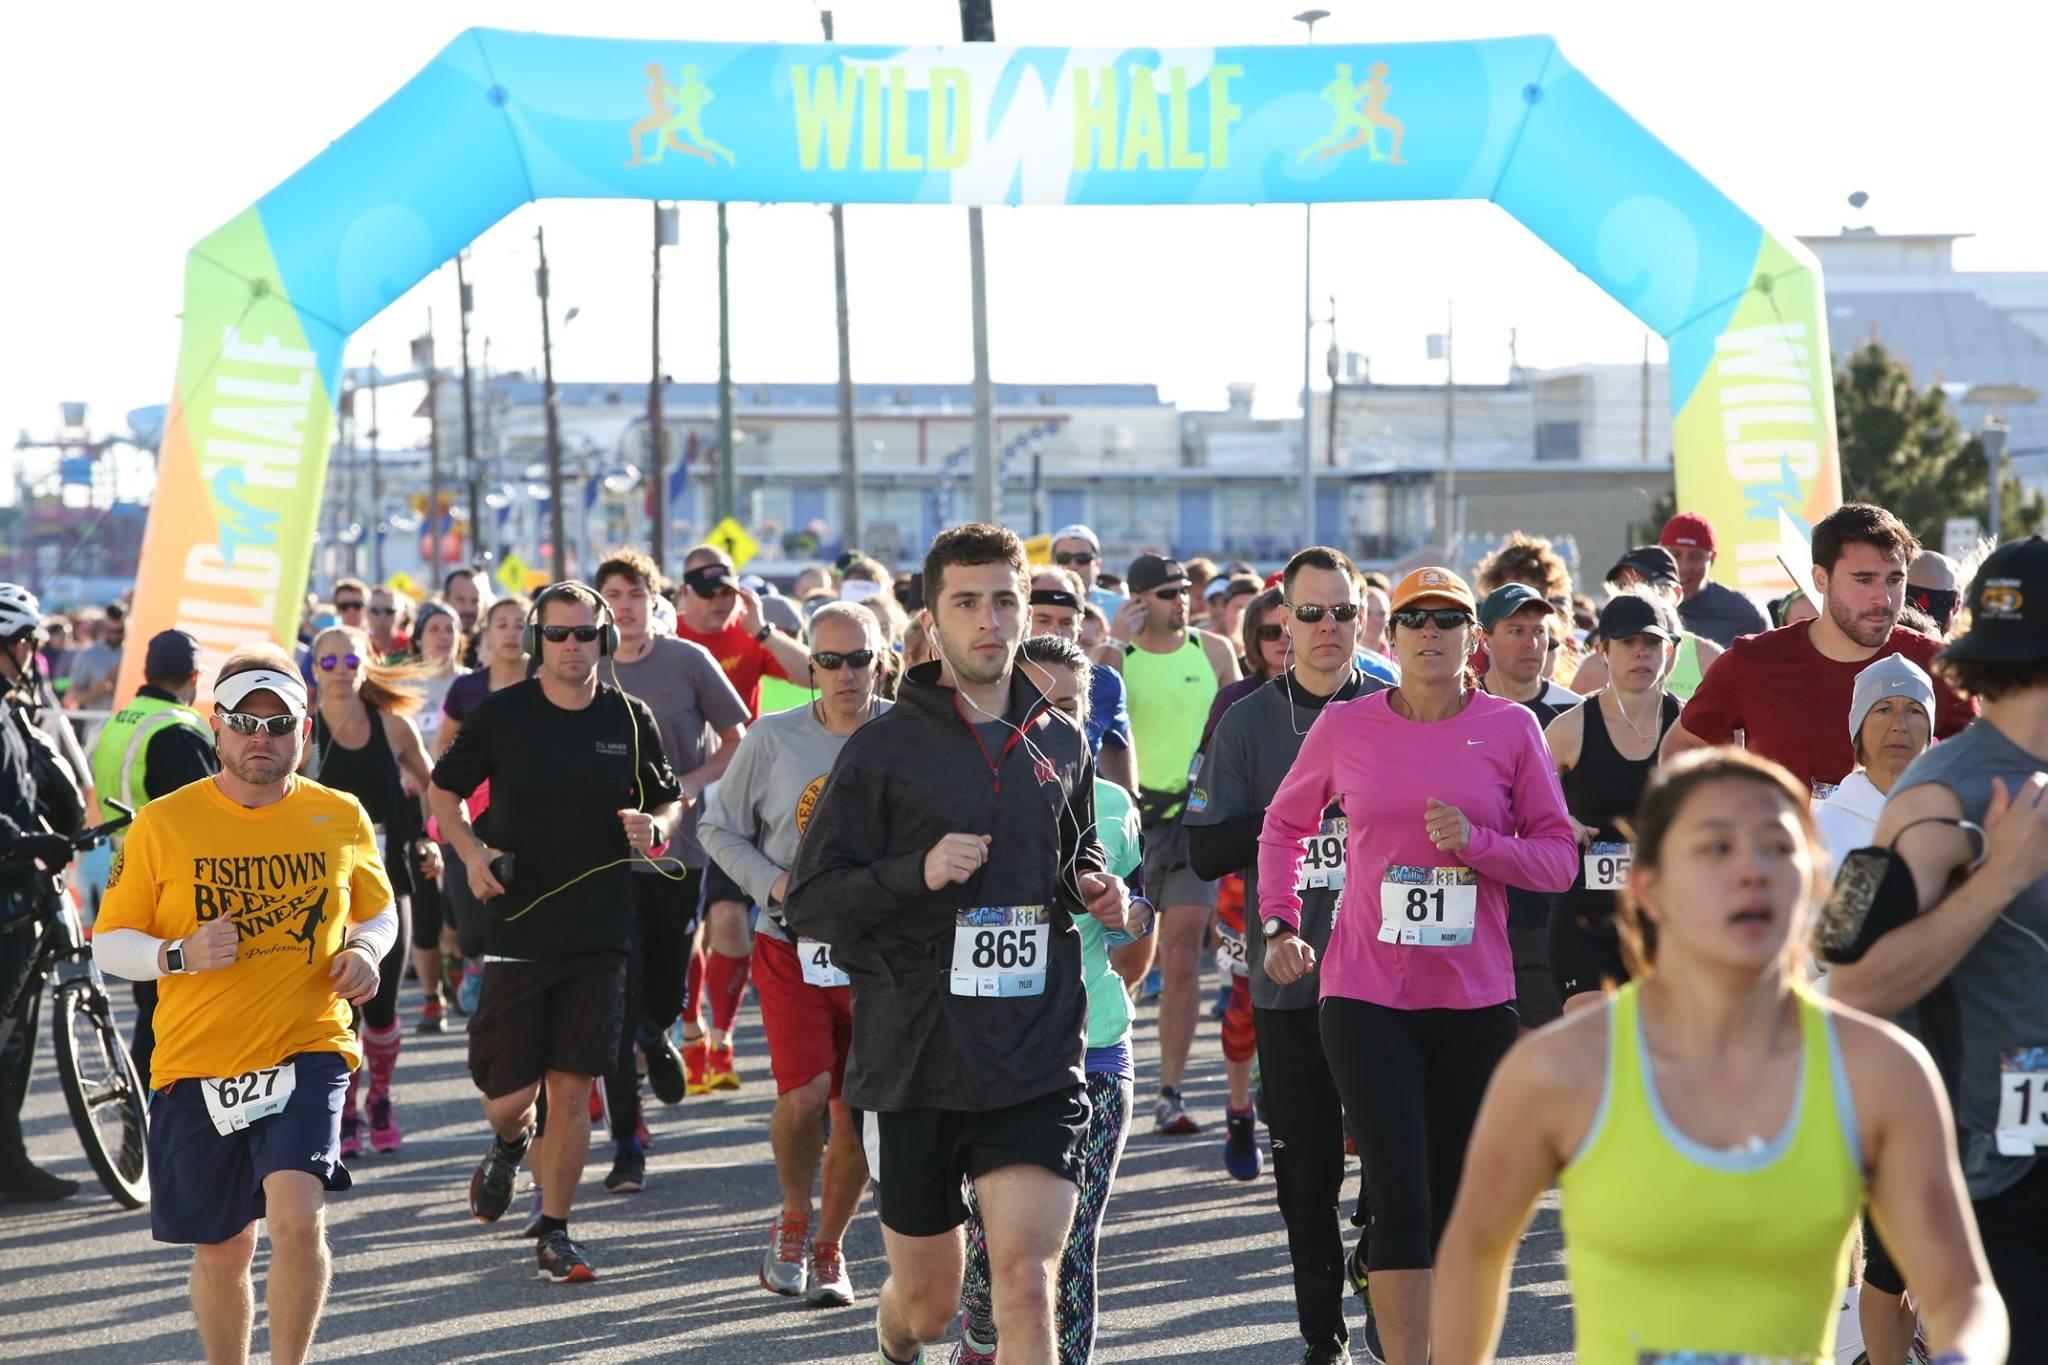 start run - Wild Half